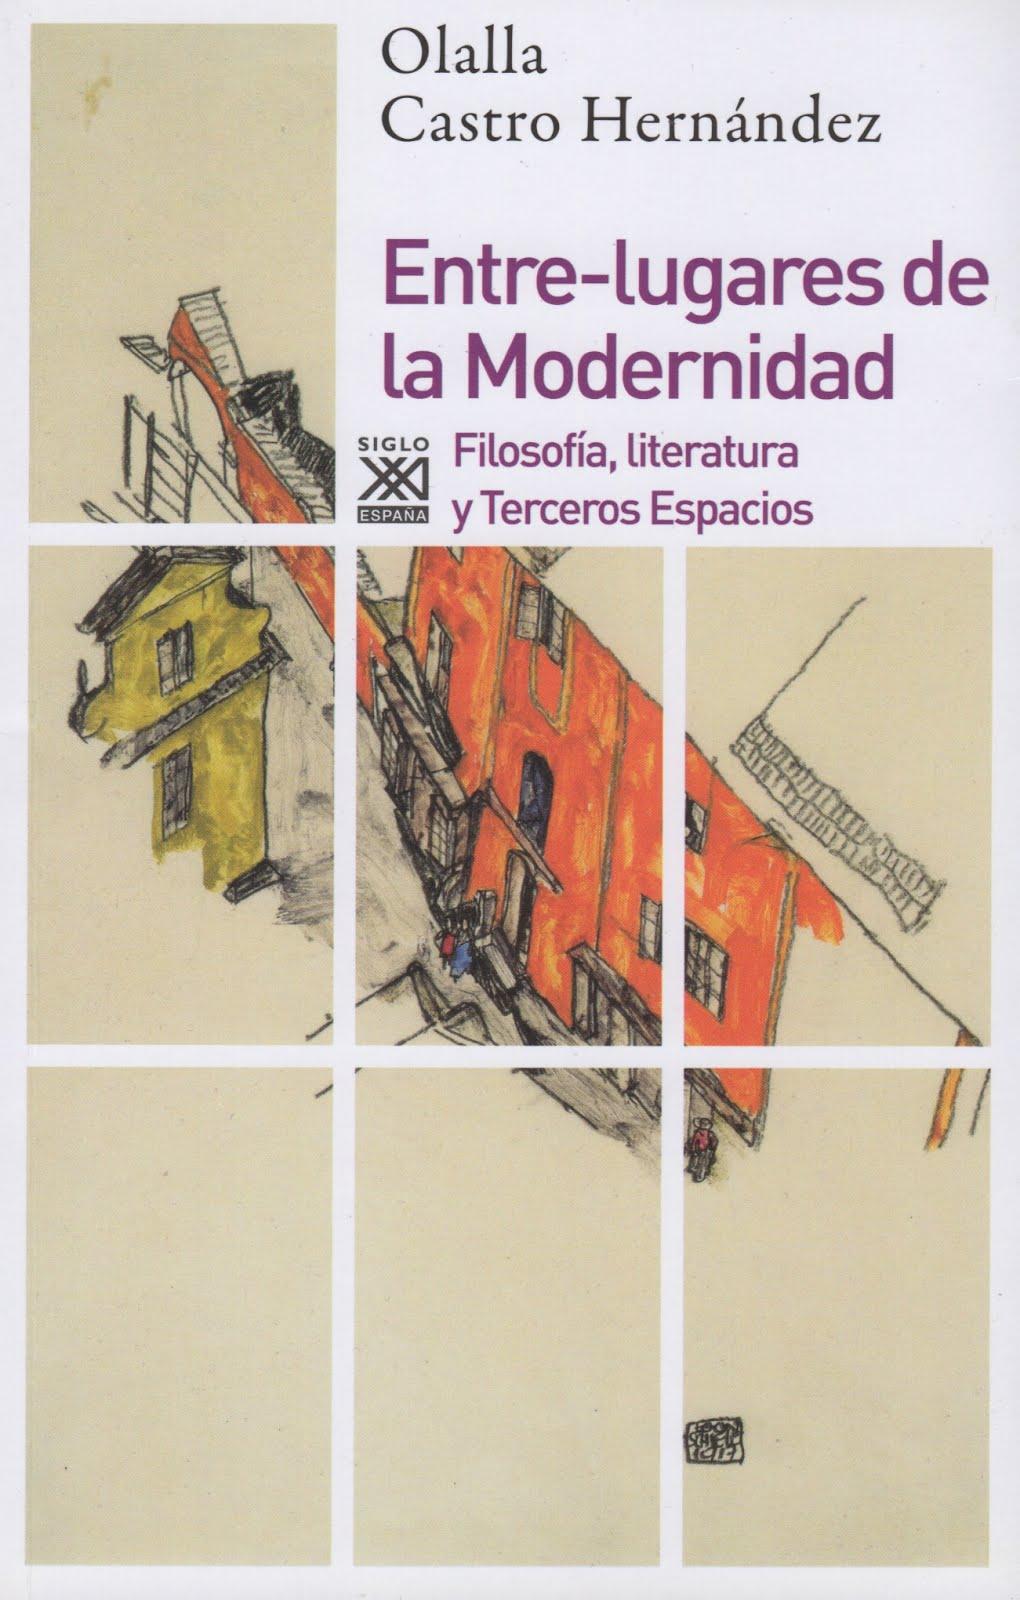 Olalla Castro Hernández (Entre-lugares de la Modernidad)